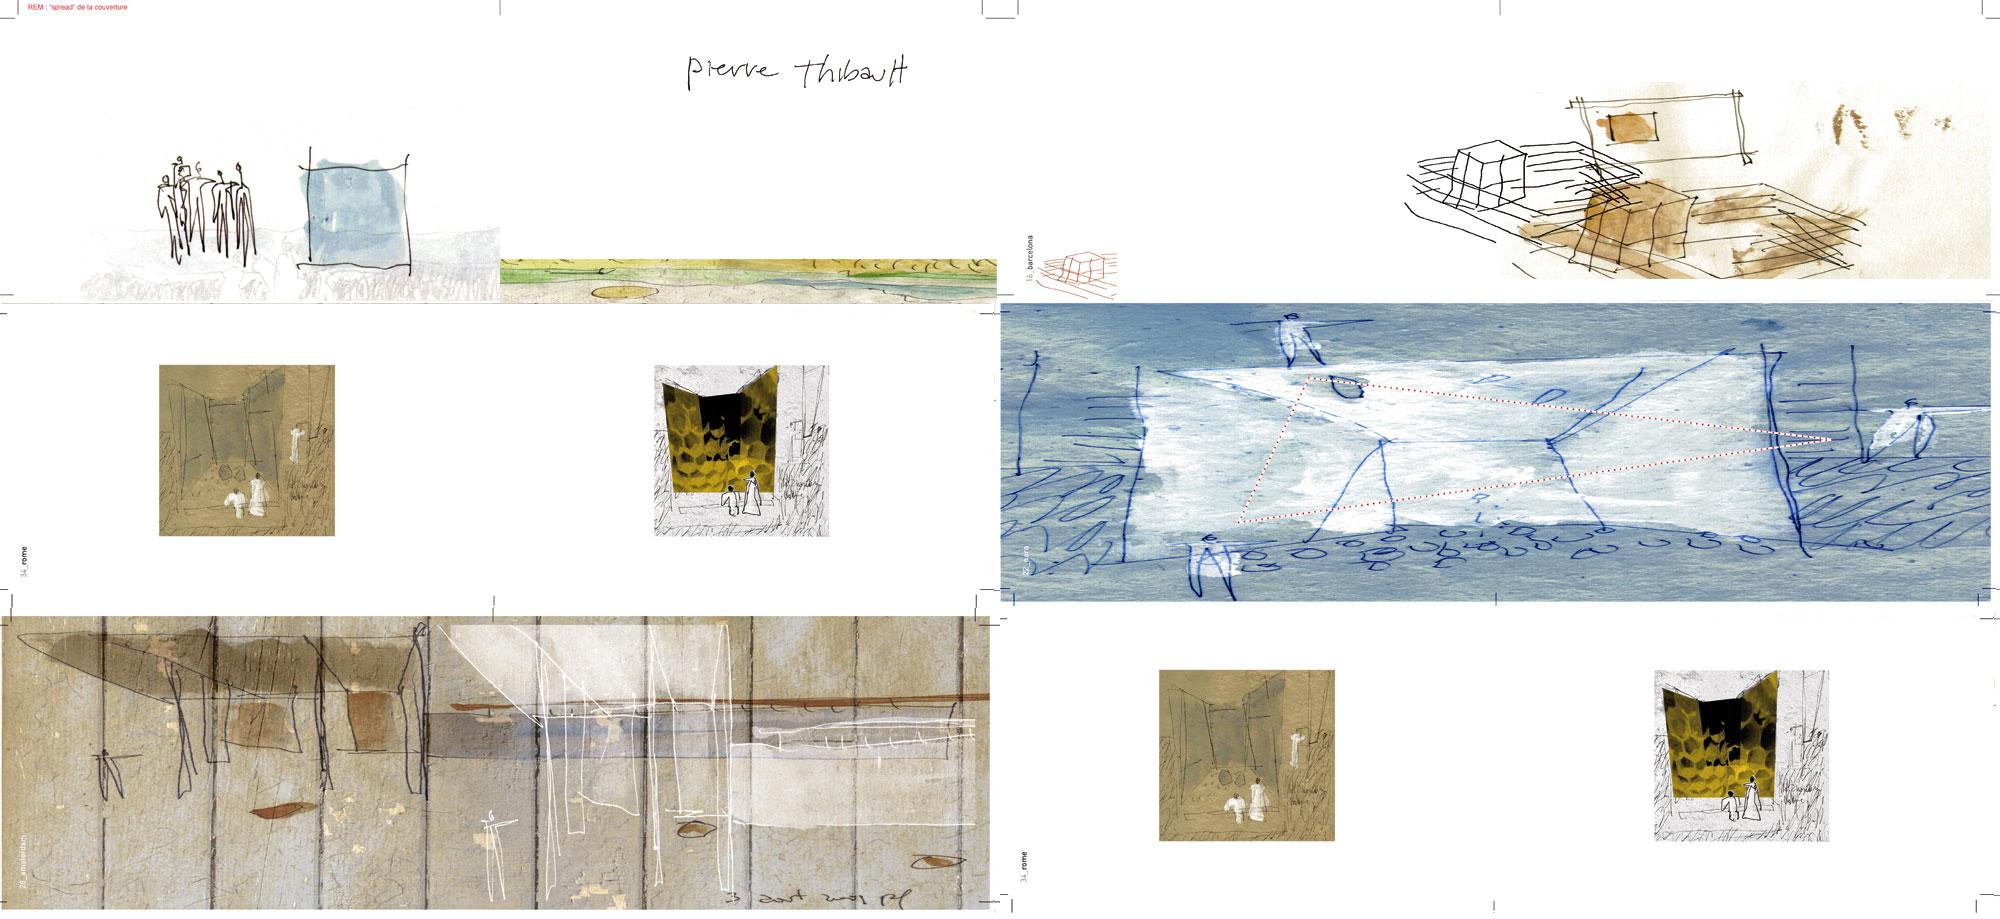 Recueil des croquis d'inspiration de Pierre Thibault